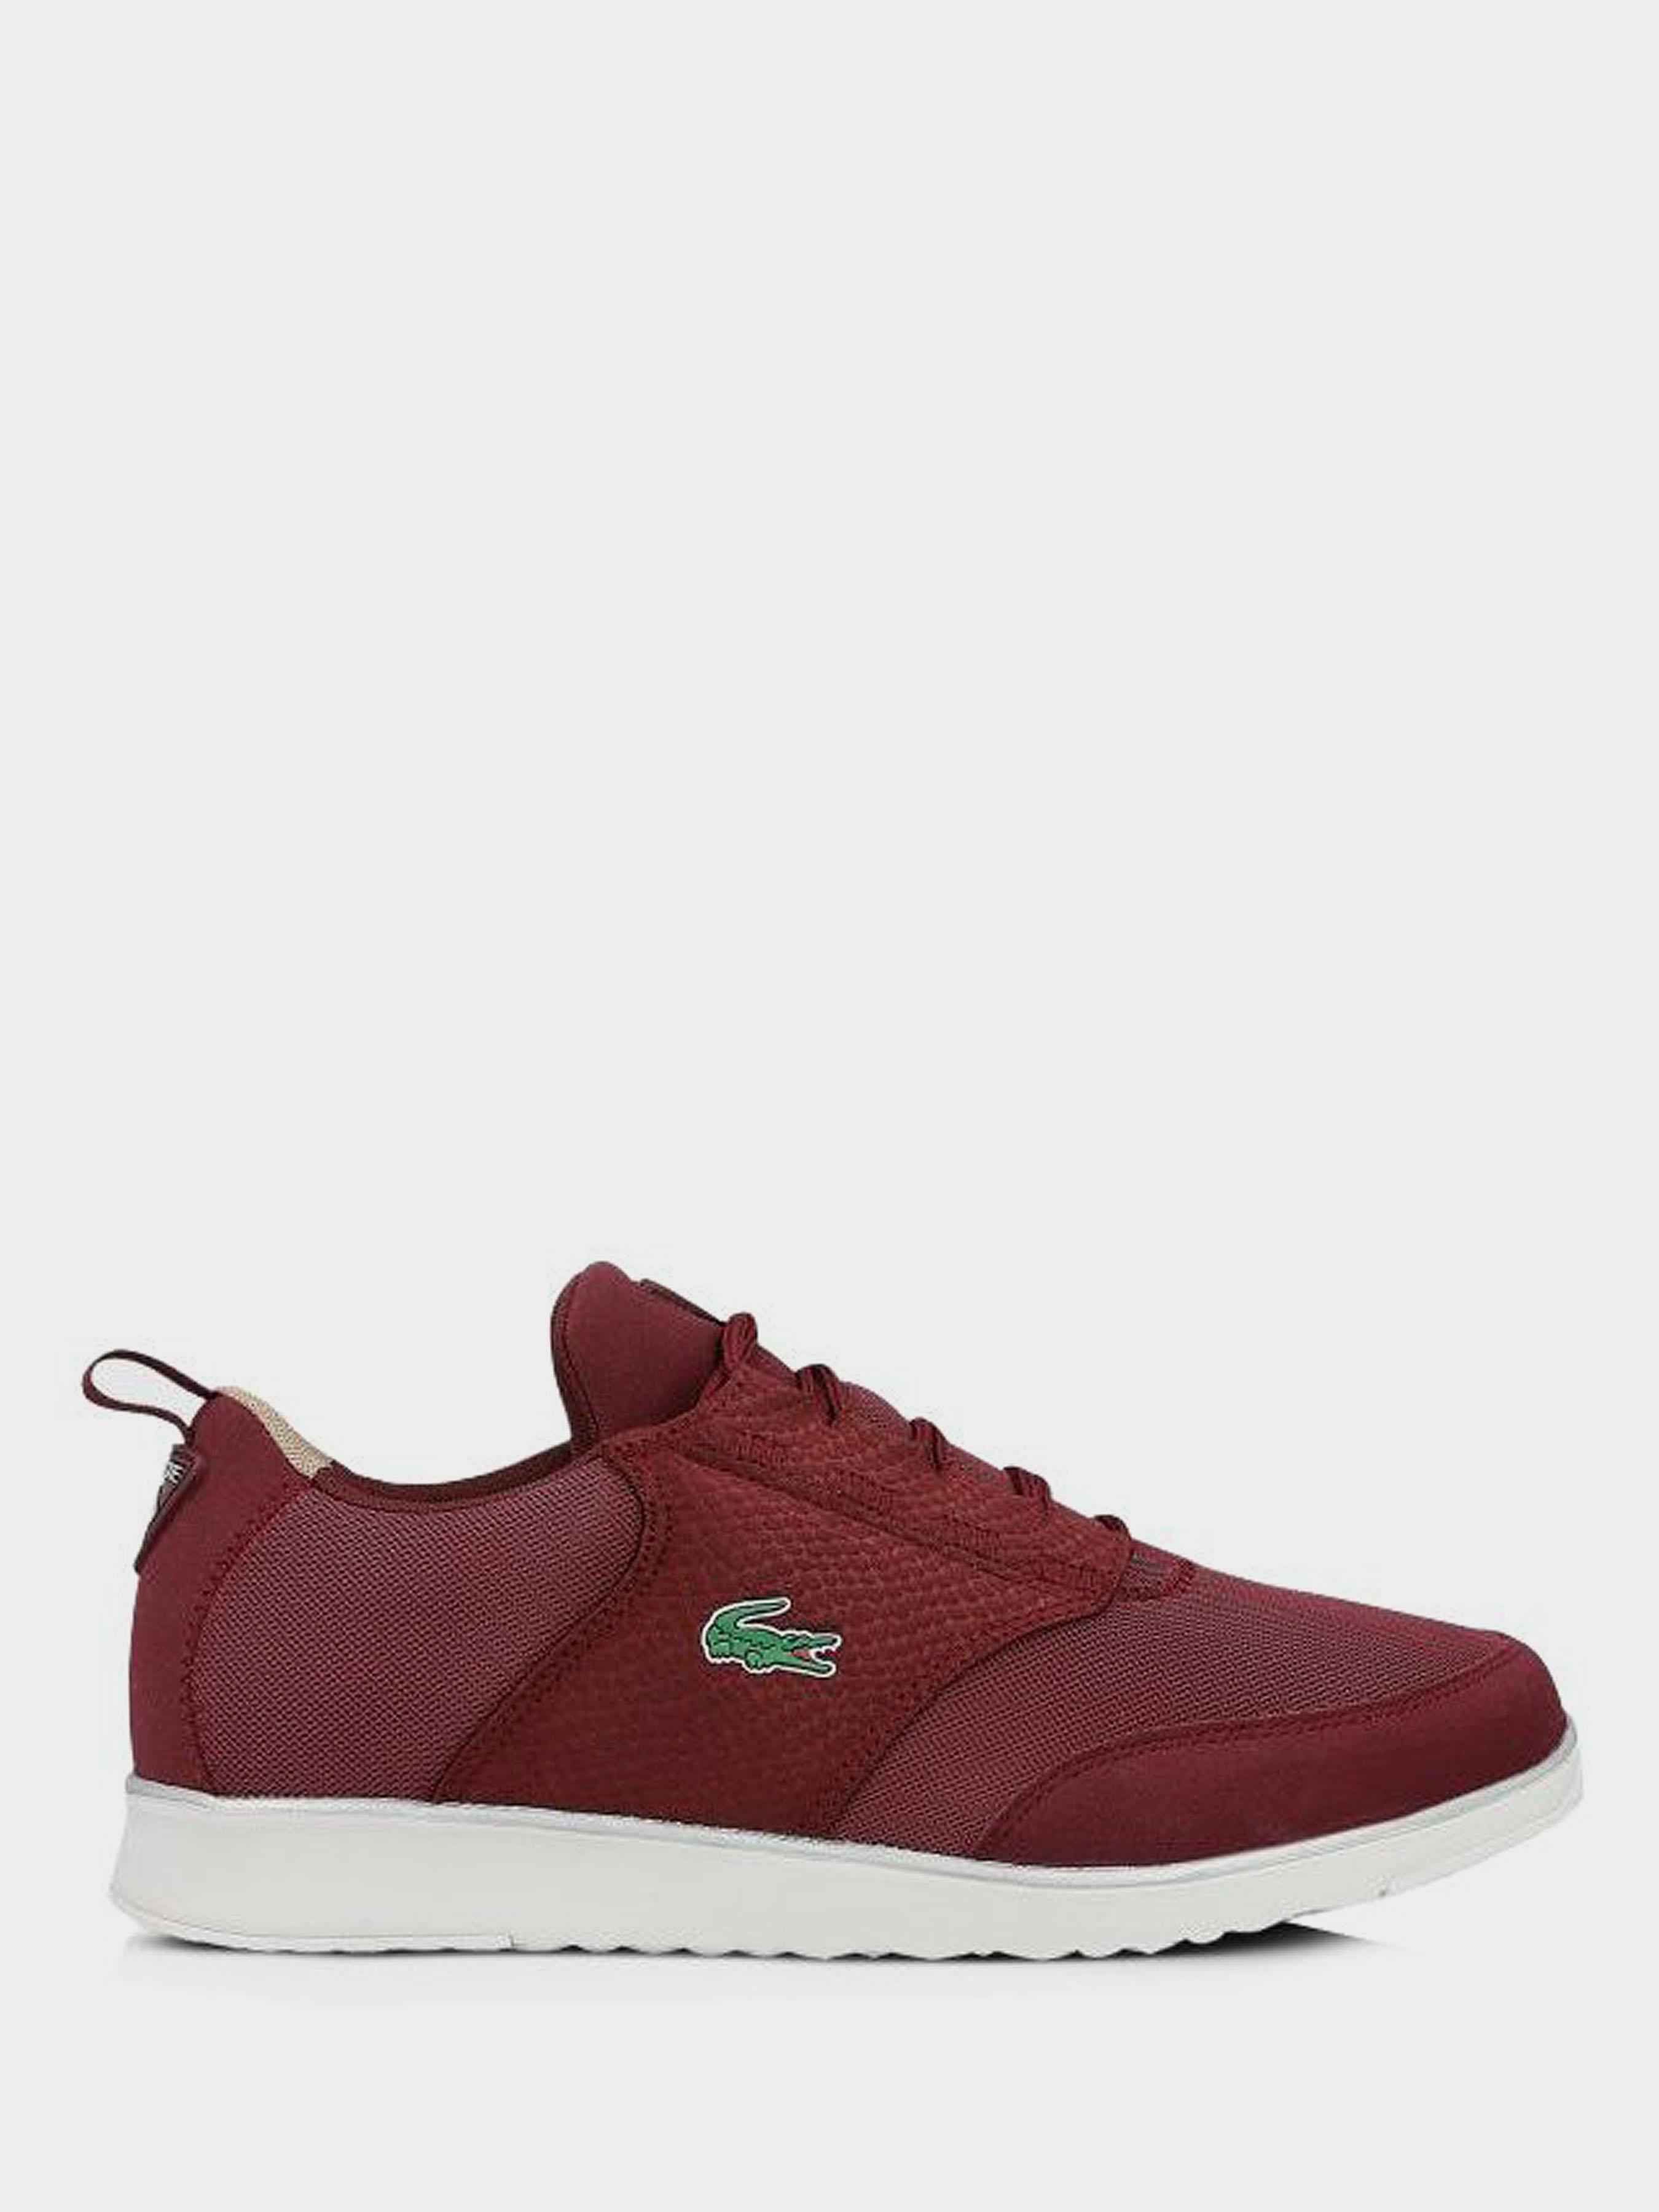 Кроссовки для мужчин Lacoste LK163 купить в Интертоп, 2017